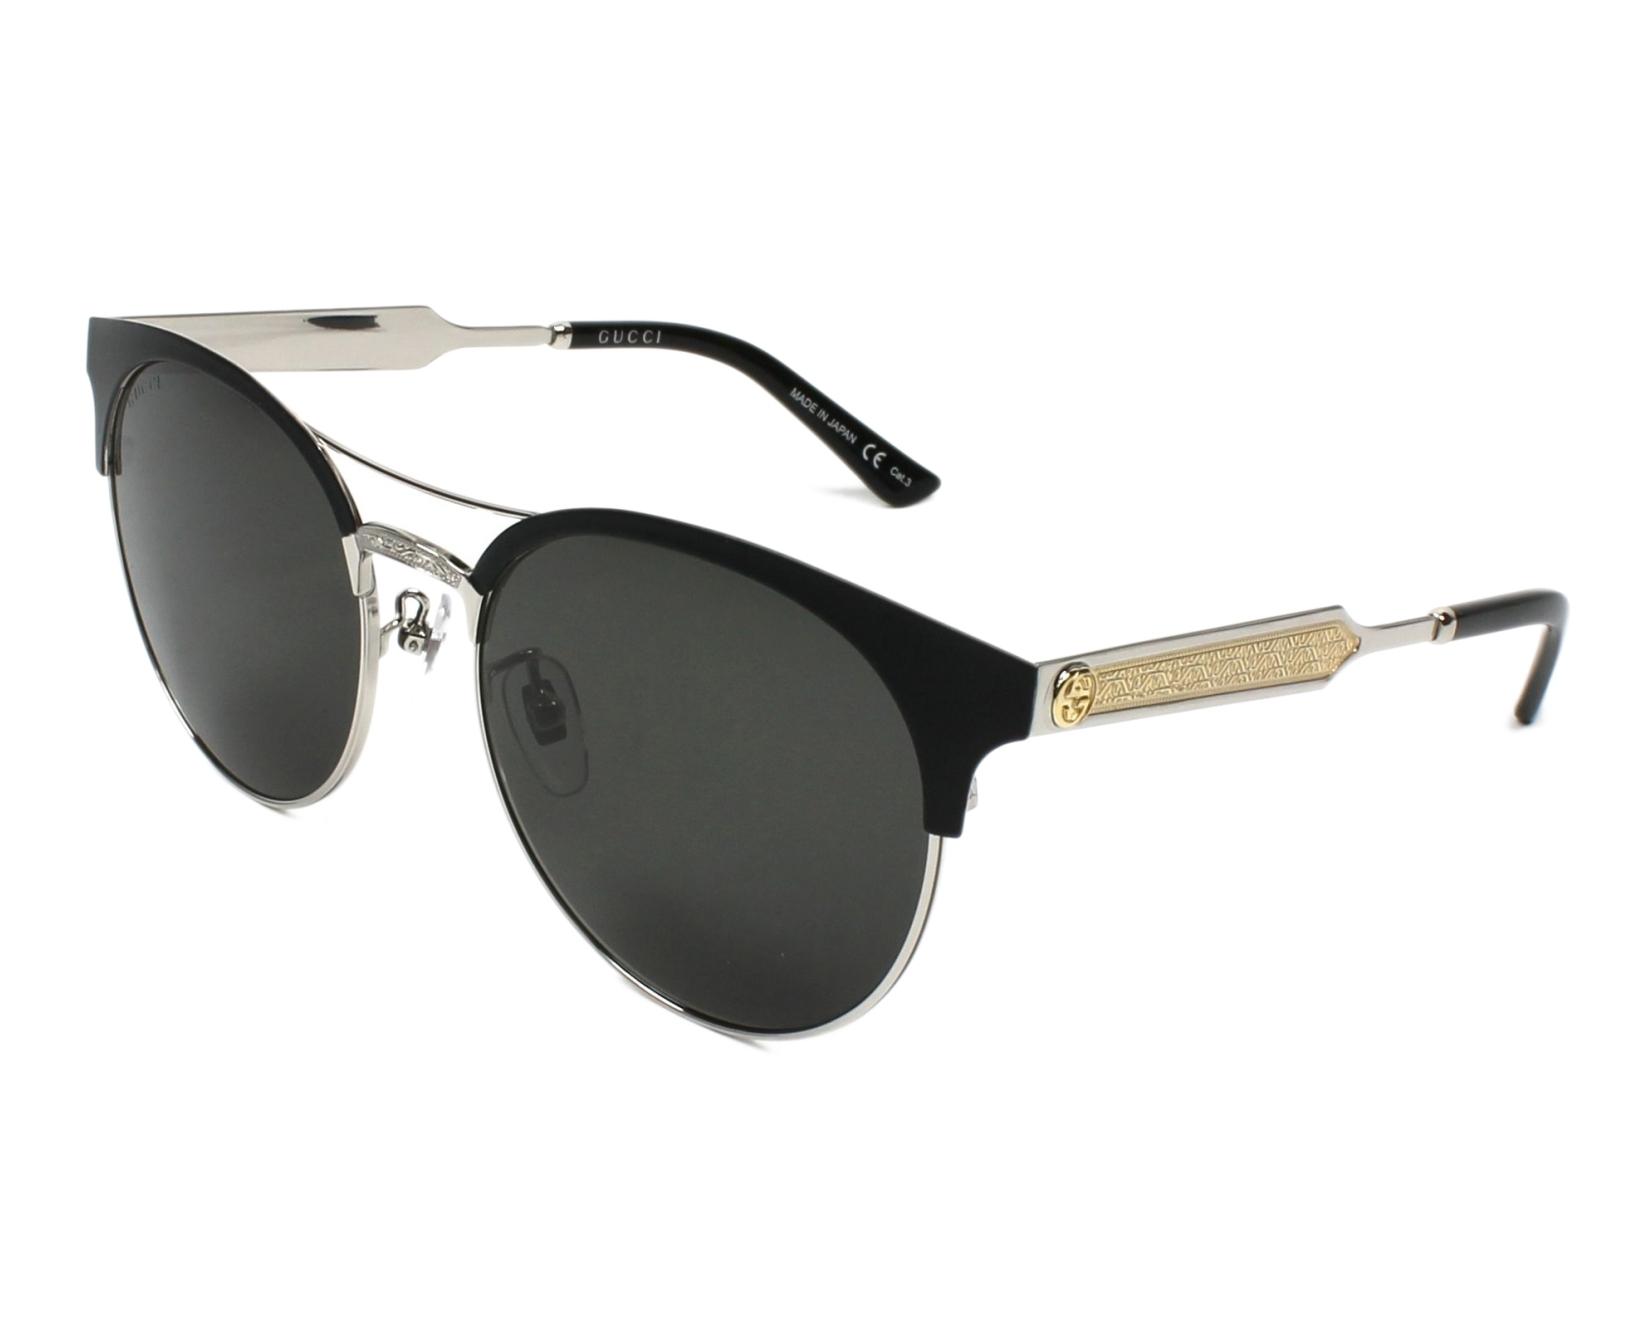 8d484e1131e Sunglasses Gucci GG-0075-S 001 - Black Ruthenium profile view